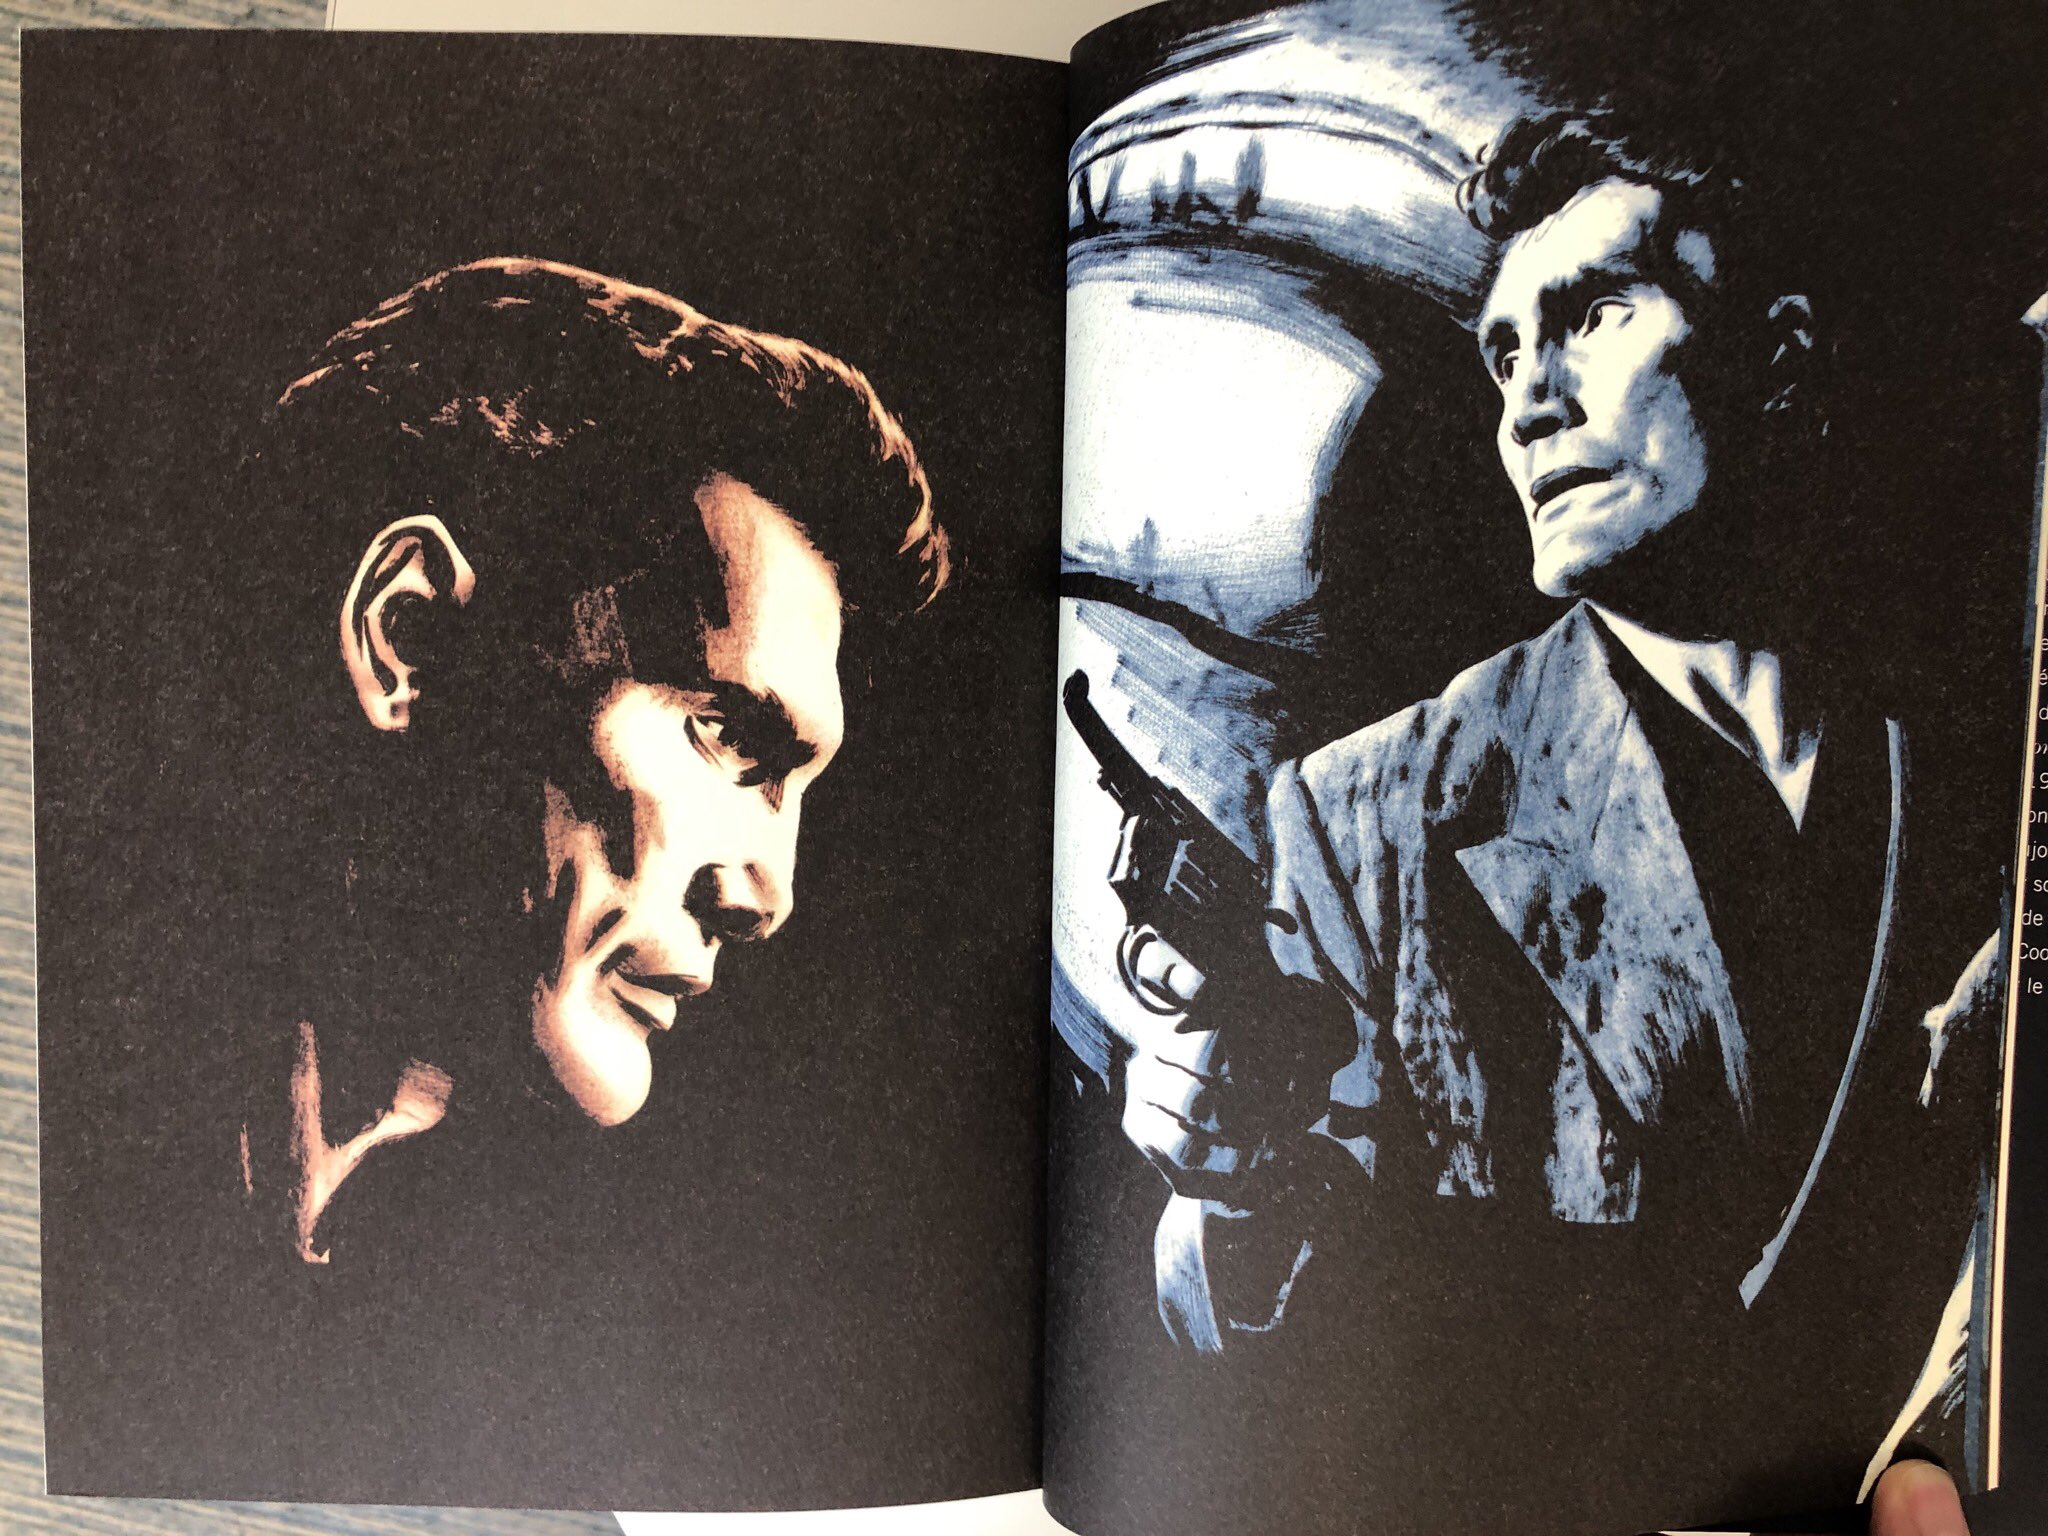 Jack Palance (1919 - 2006), le meilleur physique pour Parker selon son auteur !